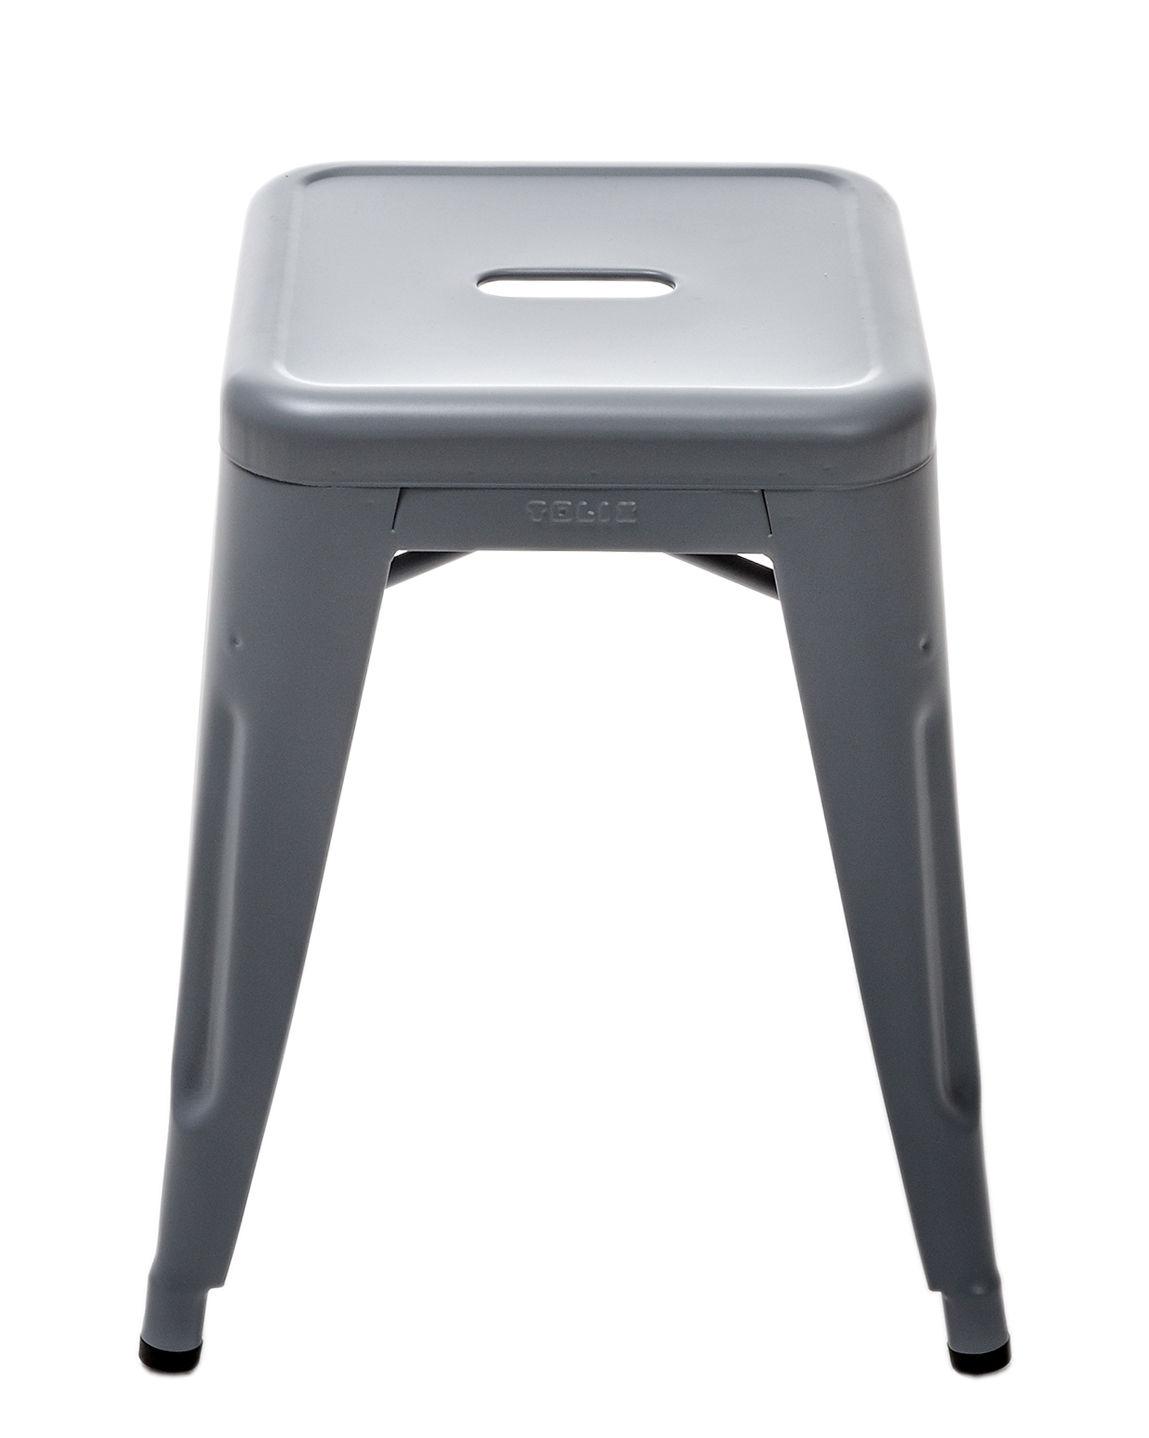 tabouret empilable h h 45 cm couleur mate le corbusier int rieur gris 59 tolix. Black Bedroom Furniture Sets. Home Design Ideas